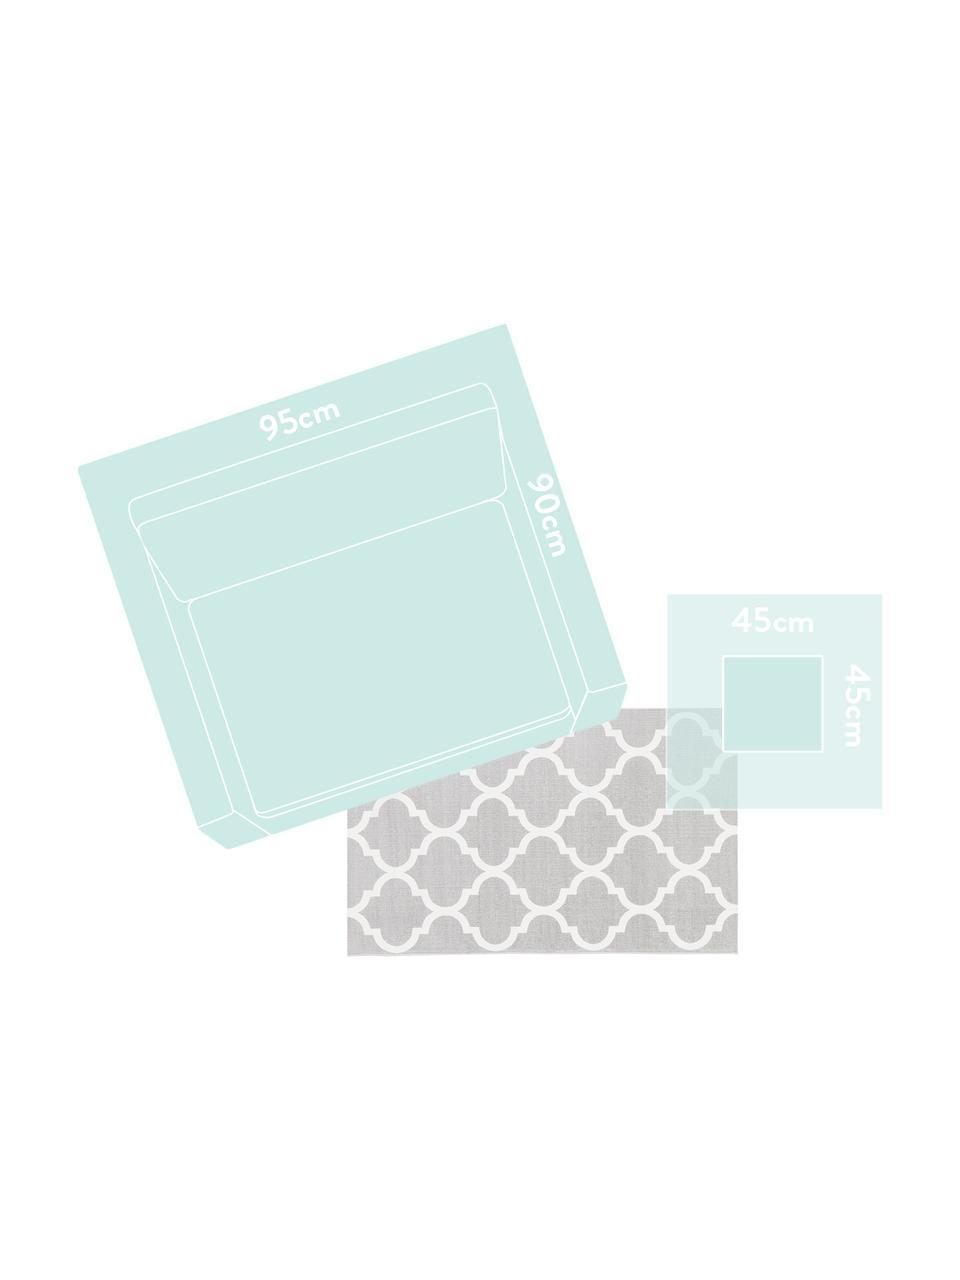 Tappeto in cotone tessuto a mano Amira, 100% cotone, Grigio chiaro, bianco crema, Larg. 160 x Lung. 230 cm (taglia M)